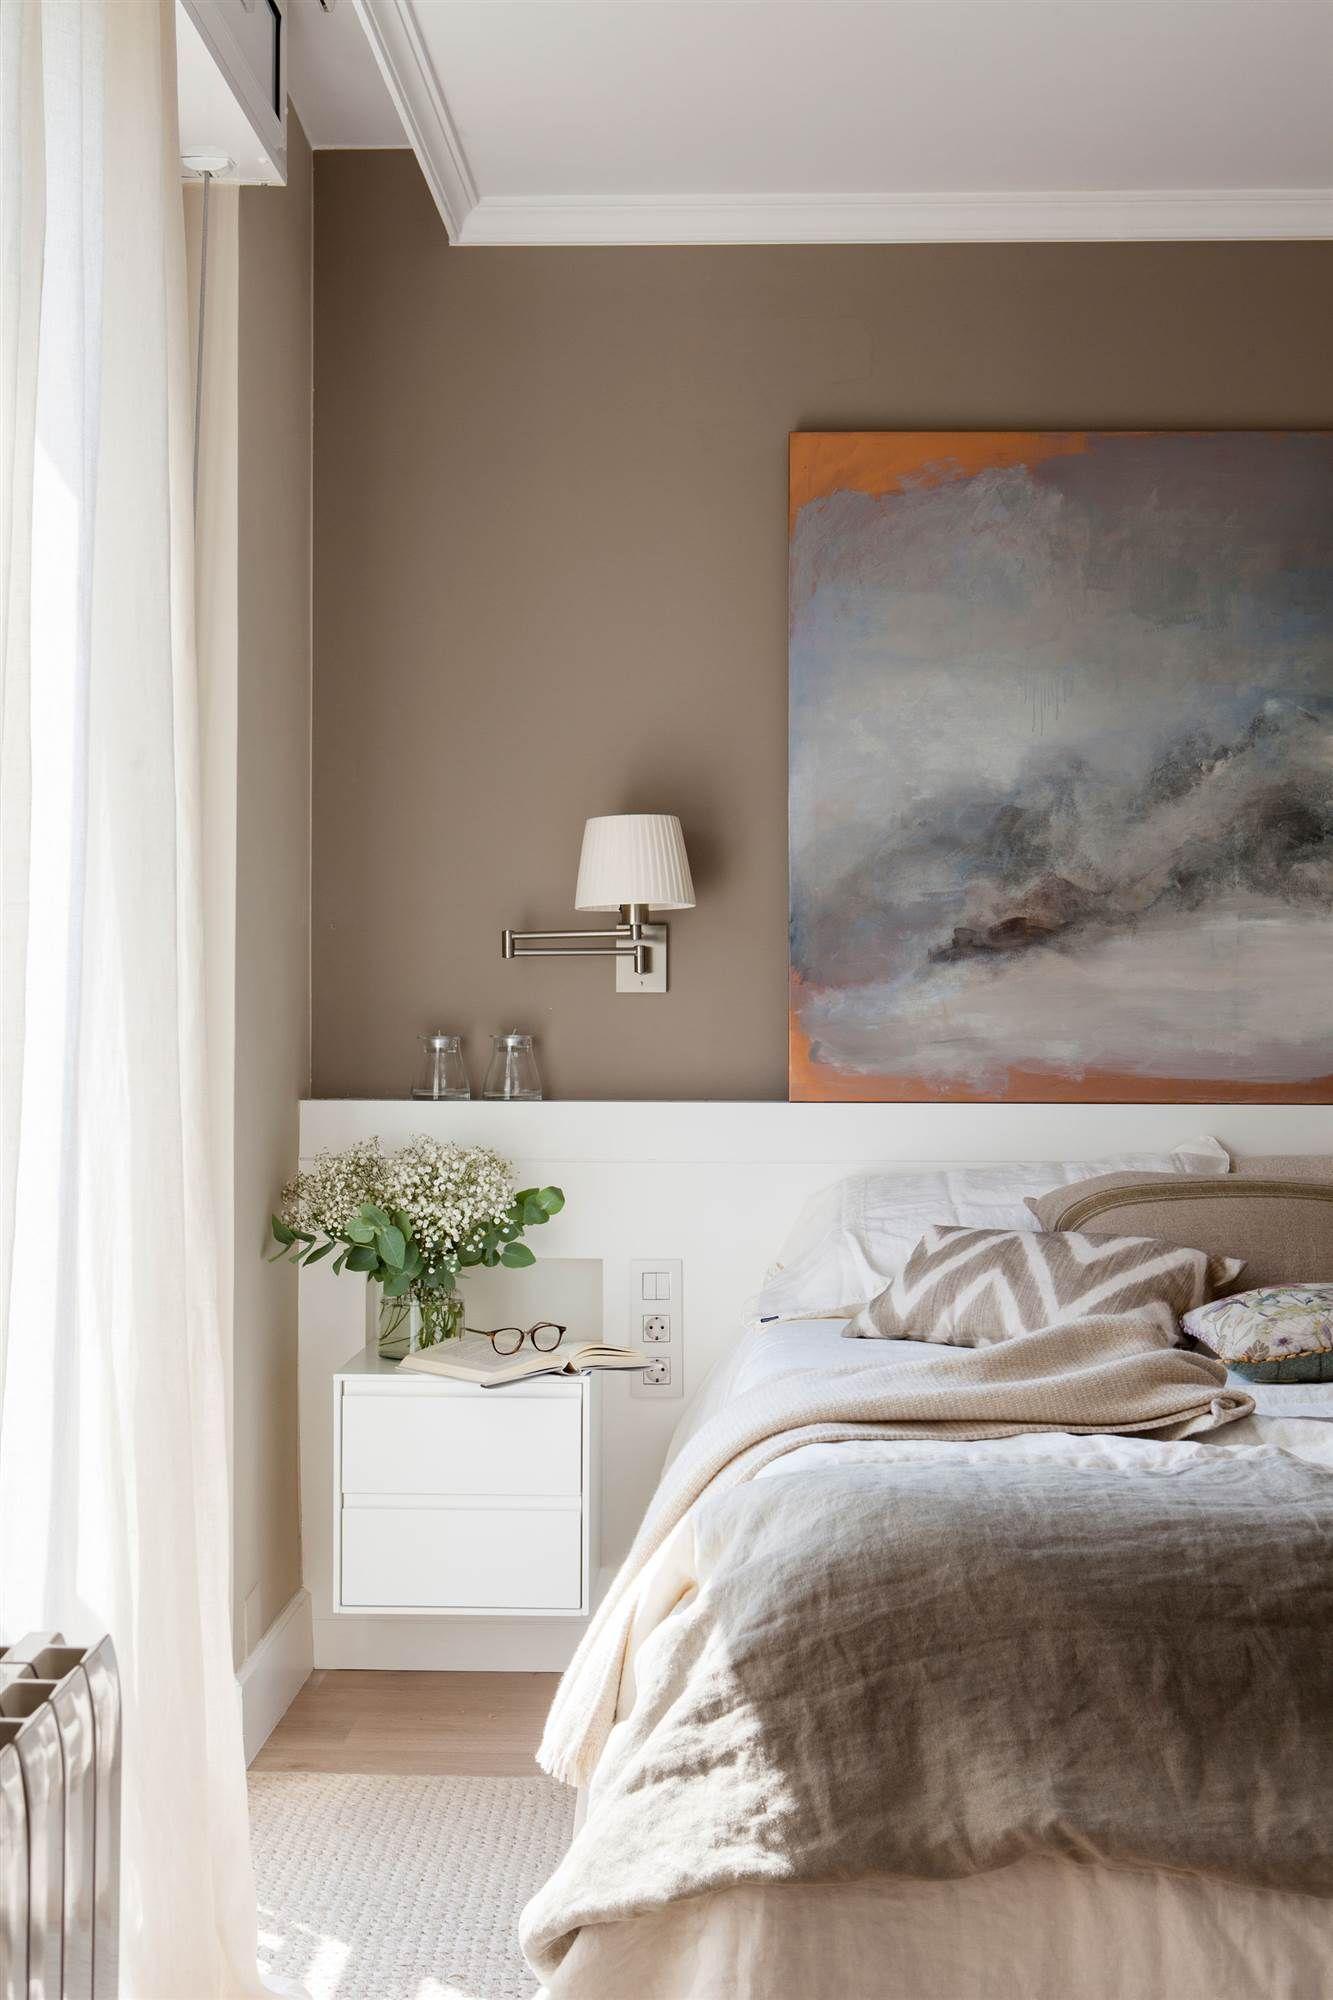 Pared y cabecero de cristal  Dormitorios, Ideas de decoración de